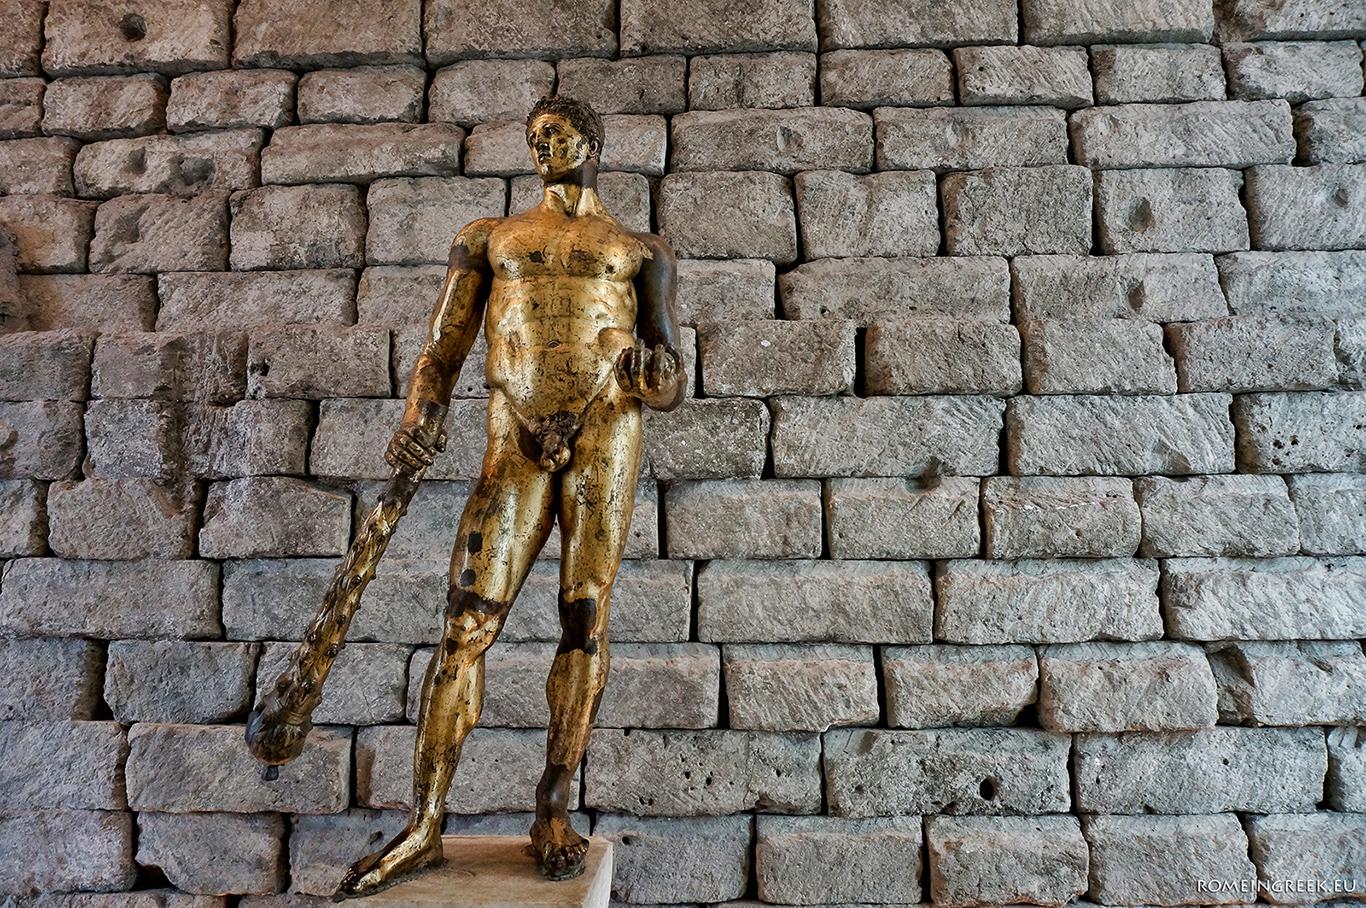 Το άγαλμα του Ηρακλή με φόντο τα θεμέλια του ναού του Δία